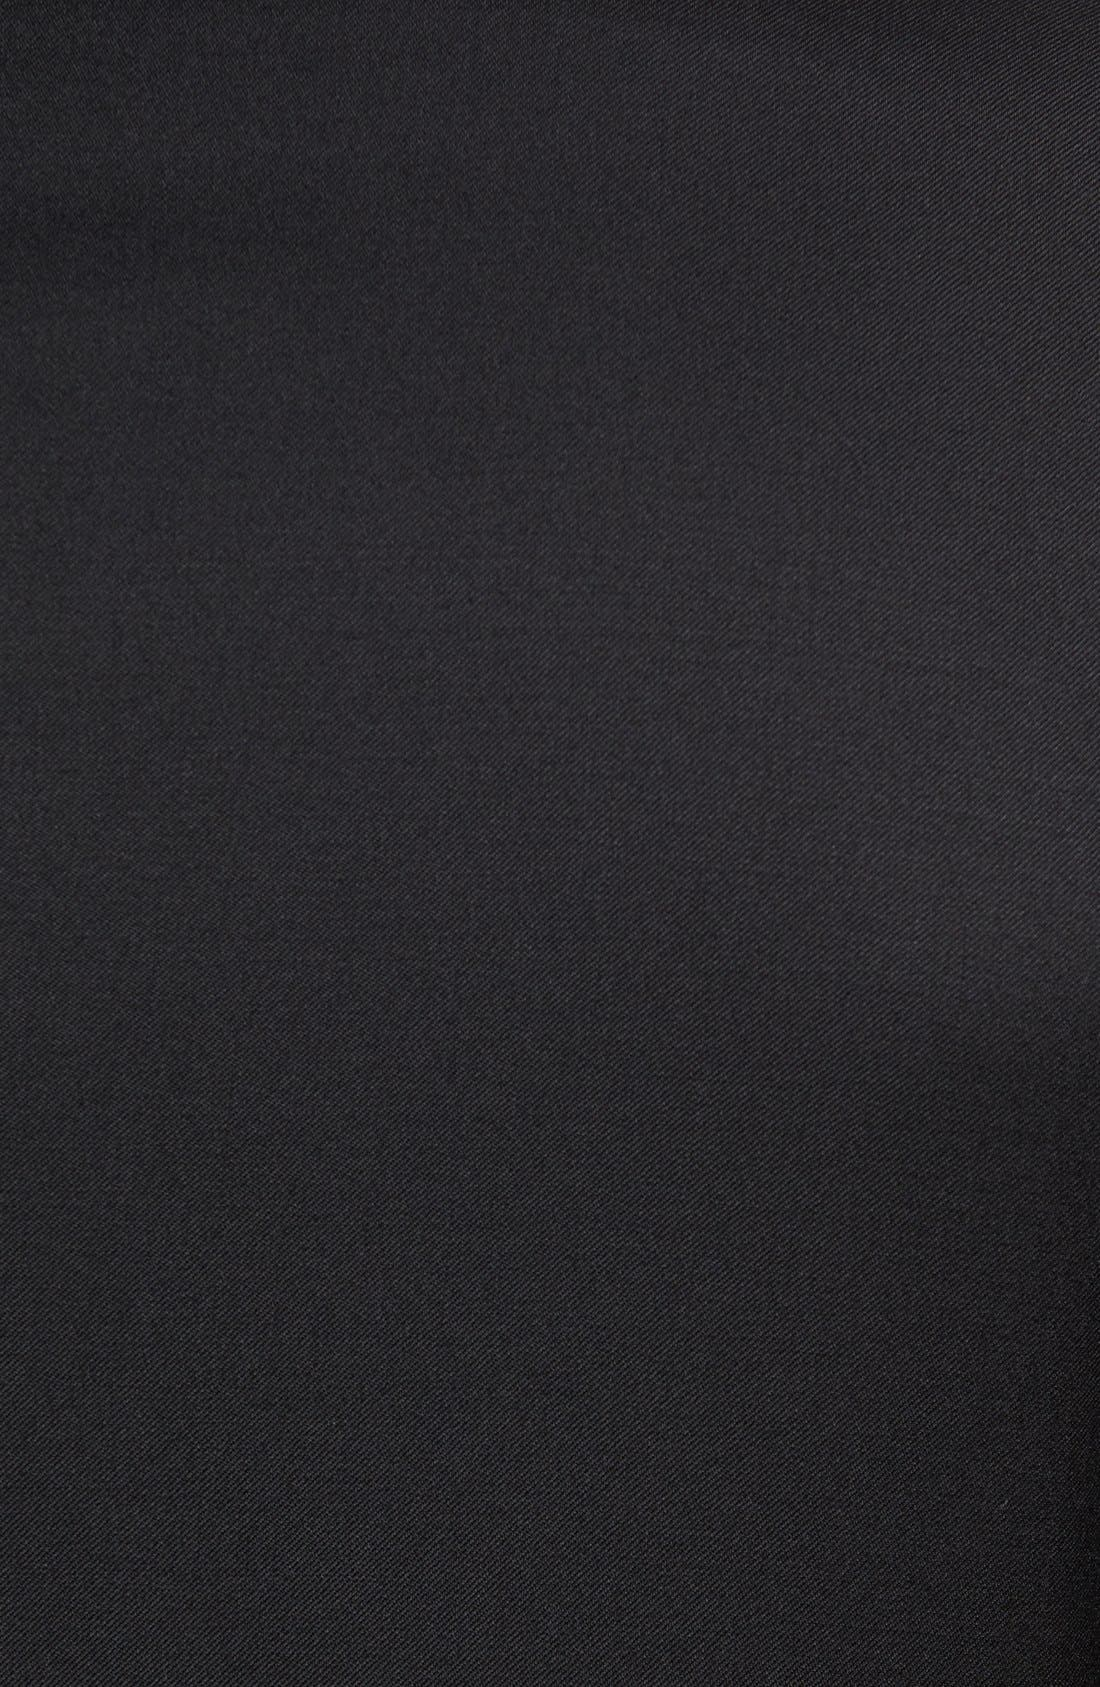 Drop 7 Trim Fit Wool Suit,                             Alternate thumbnail 9, color,                             001